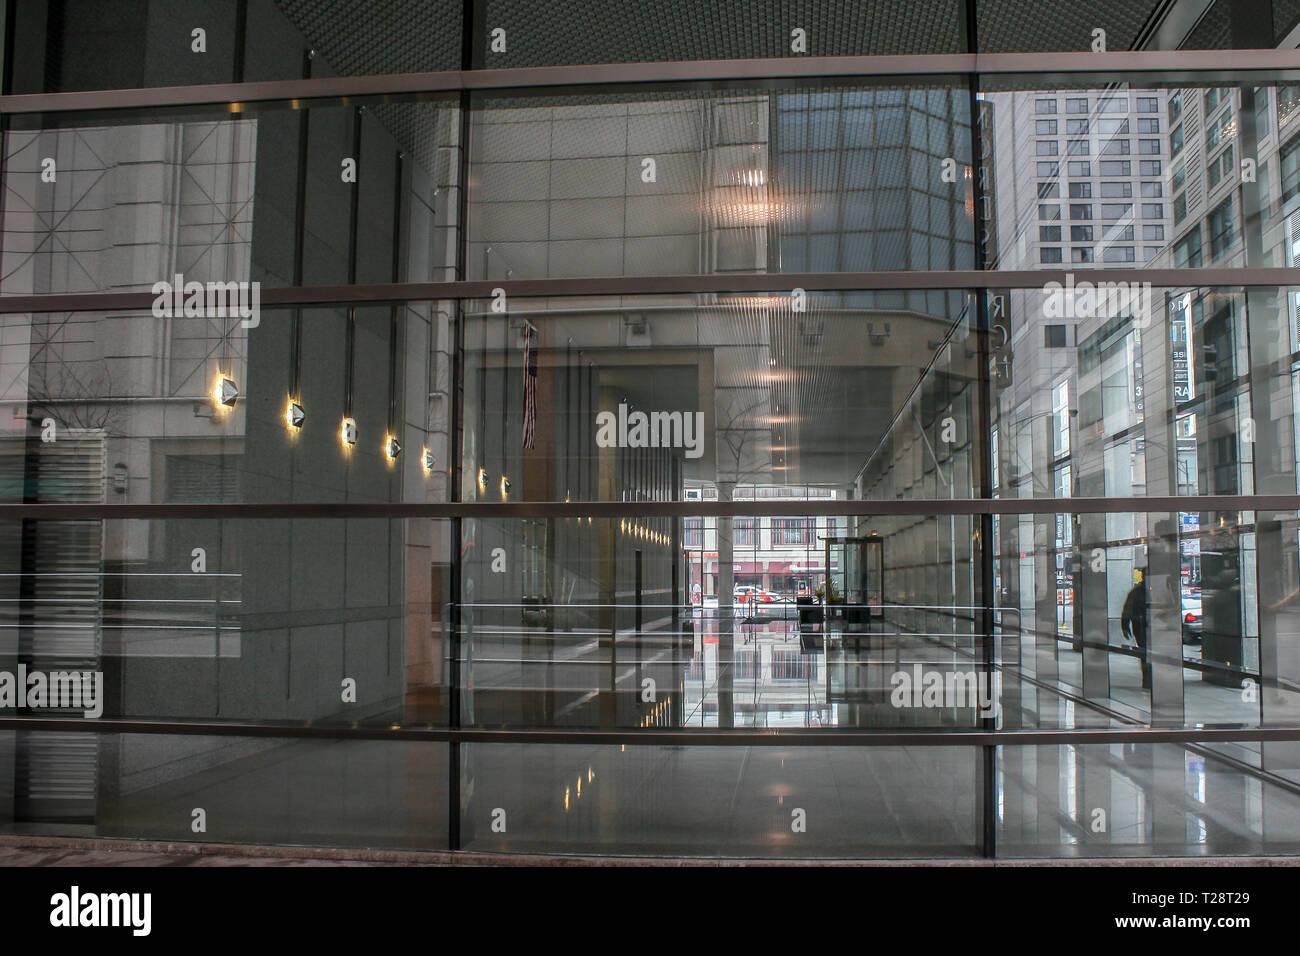 Blick durch große Fenster in den Eingang eines großen Gebäudes Stockbild